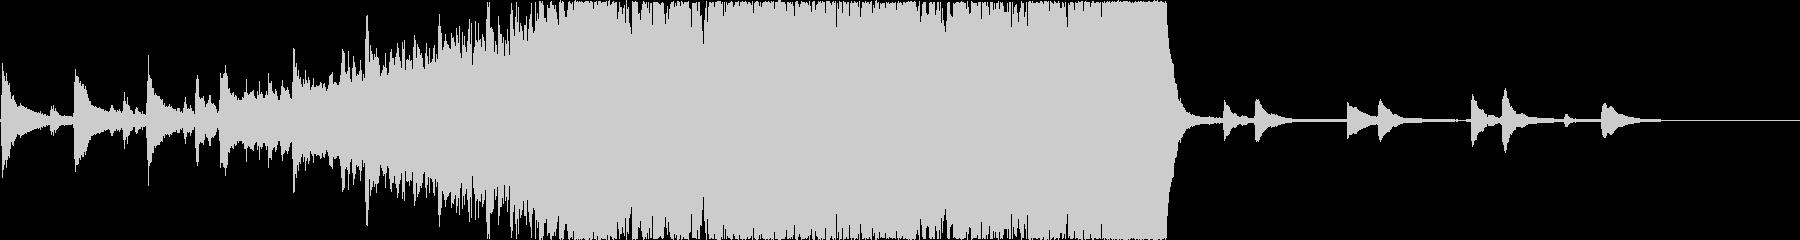 【1分】映画や映像に最適な感動壮大トレ…の未再生の波形